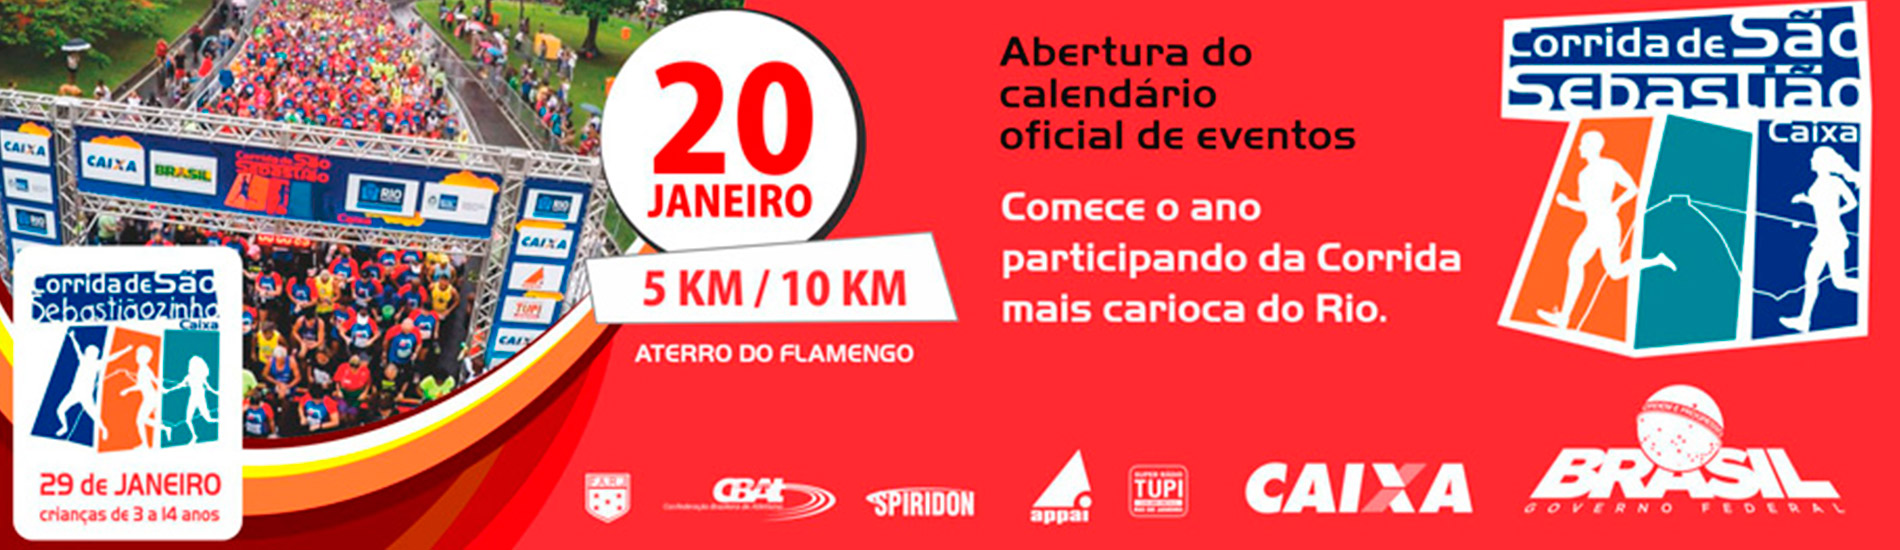 CORRIDA DE SÃO SEBASTIÃO CAIXA 2017 - Imagem de topo